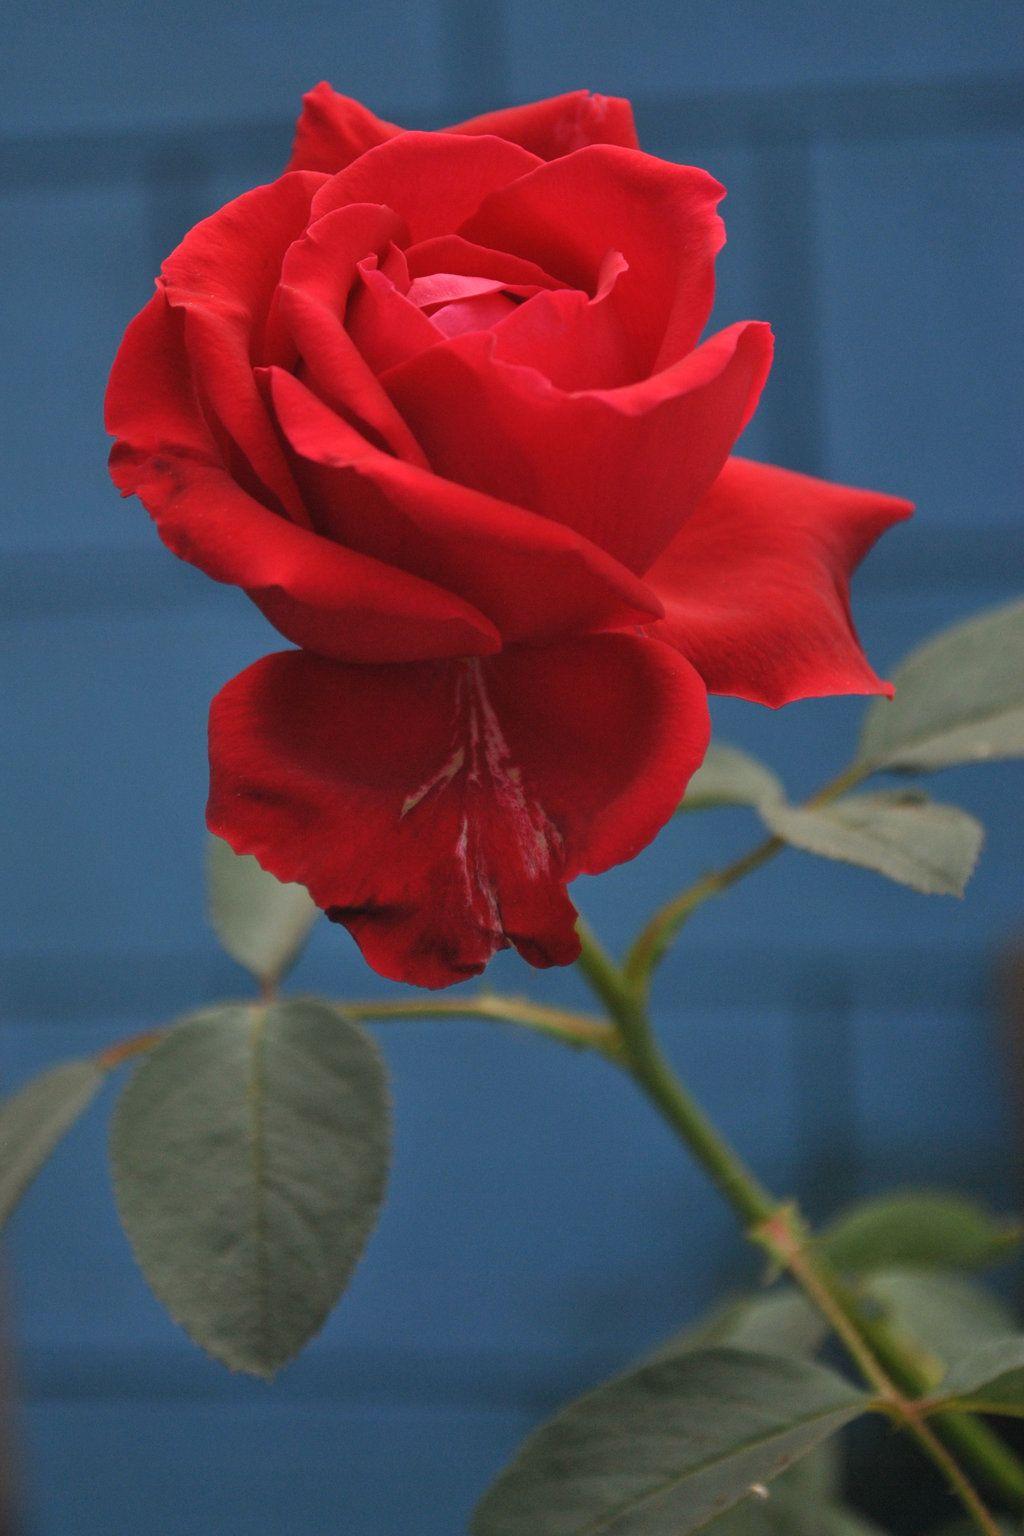 Kpj Rose 1 by kpjchippali.deviantart.com on @DeviantArt